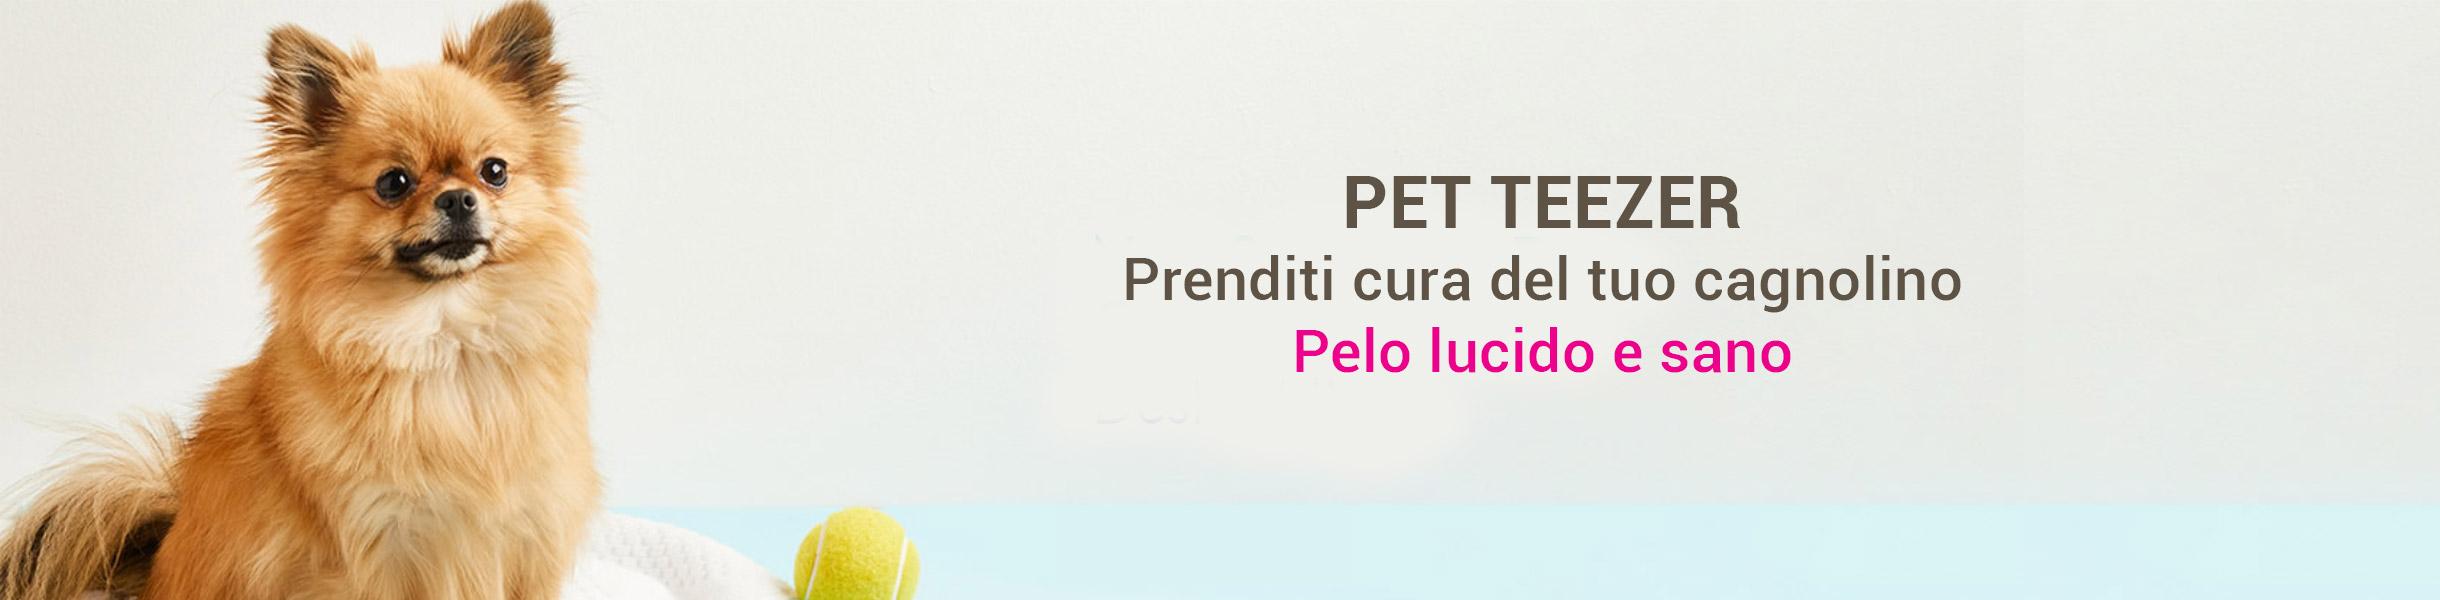 PET TEEZER